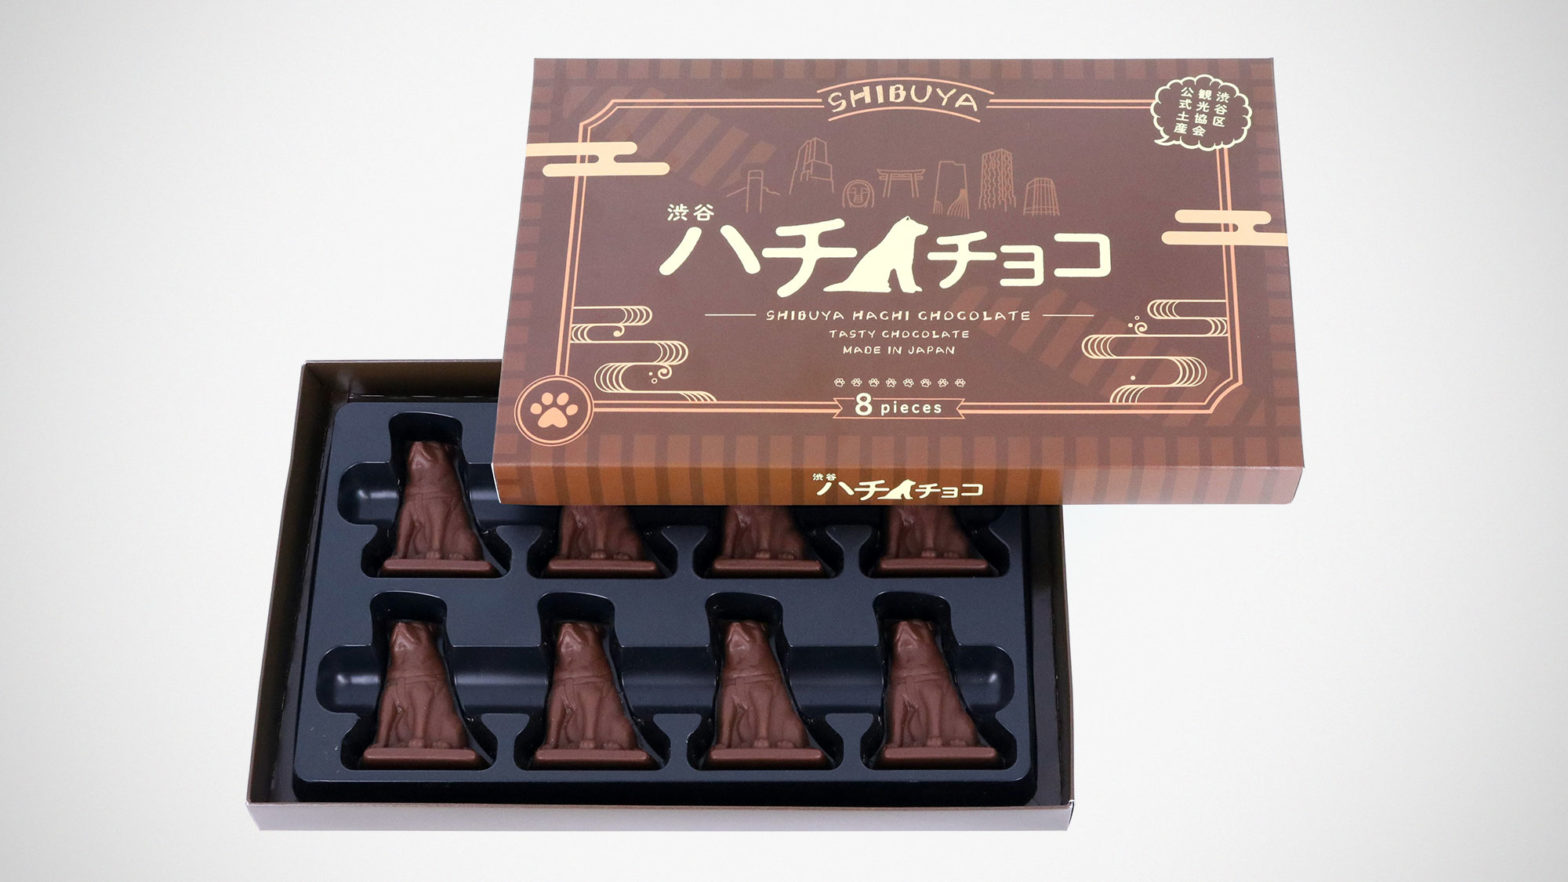 Shibuya Hachi Chocolate